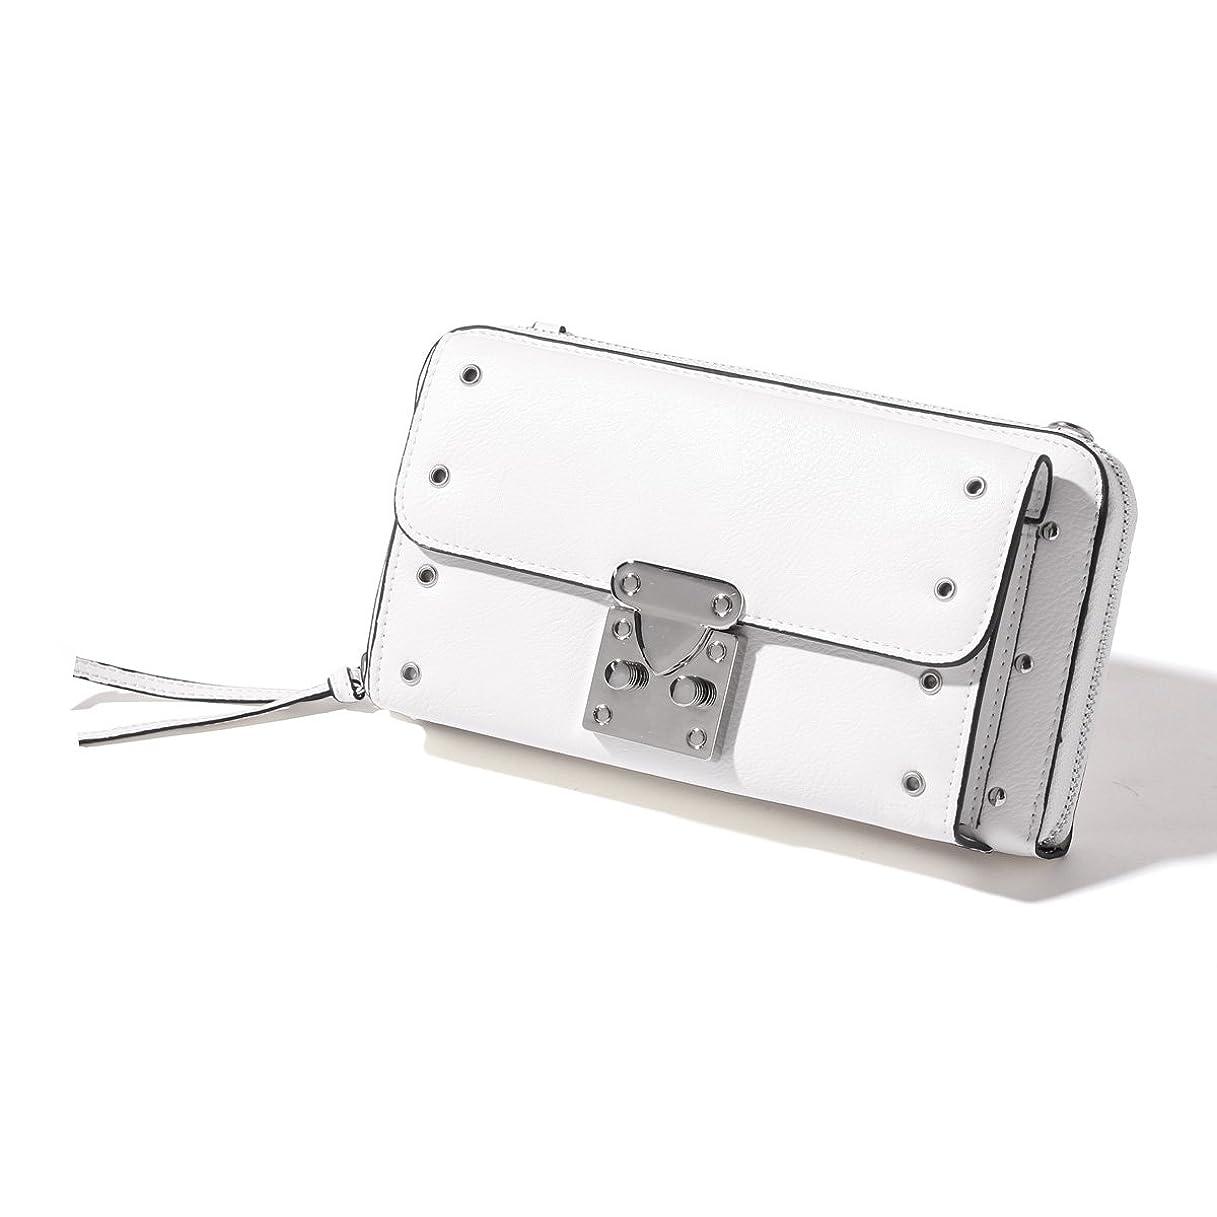 押し下げる蒸責めJOKnet 錠前金具付き3wayポシェット レディース バッグ ショルダーバッグ 鞄 ポシェット お財布ポシェット スマホポシェット